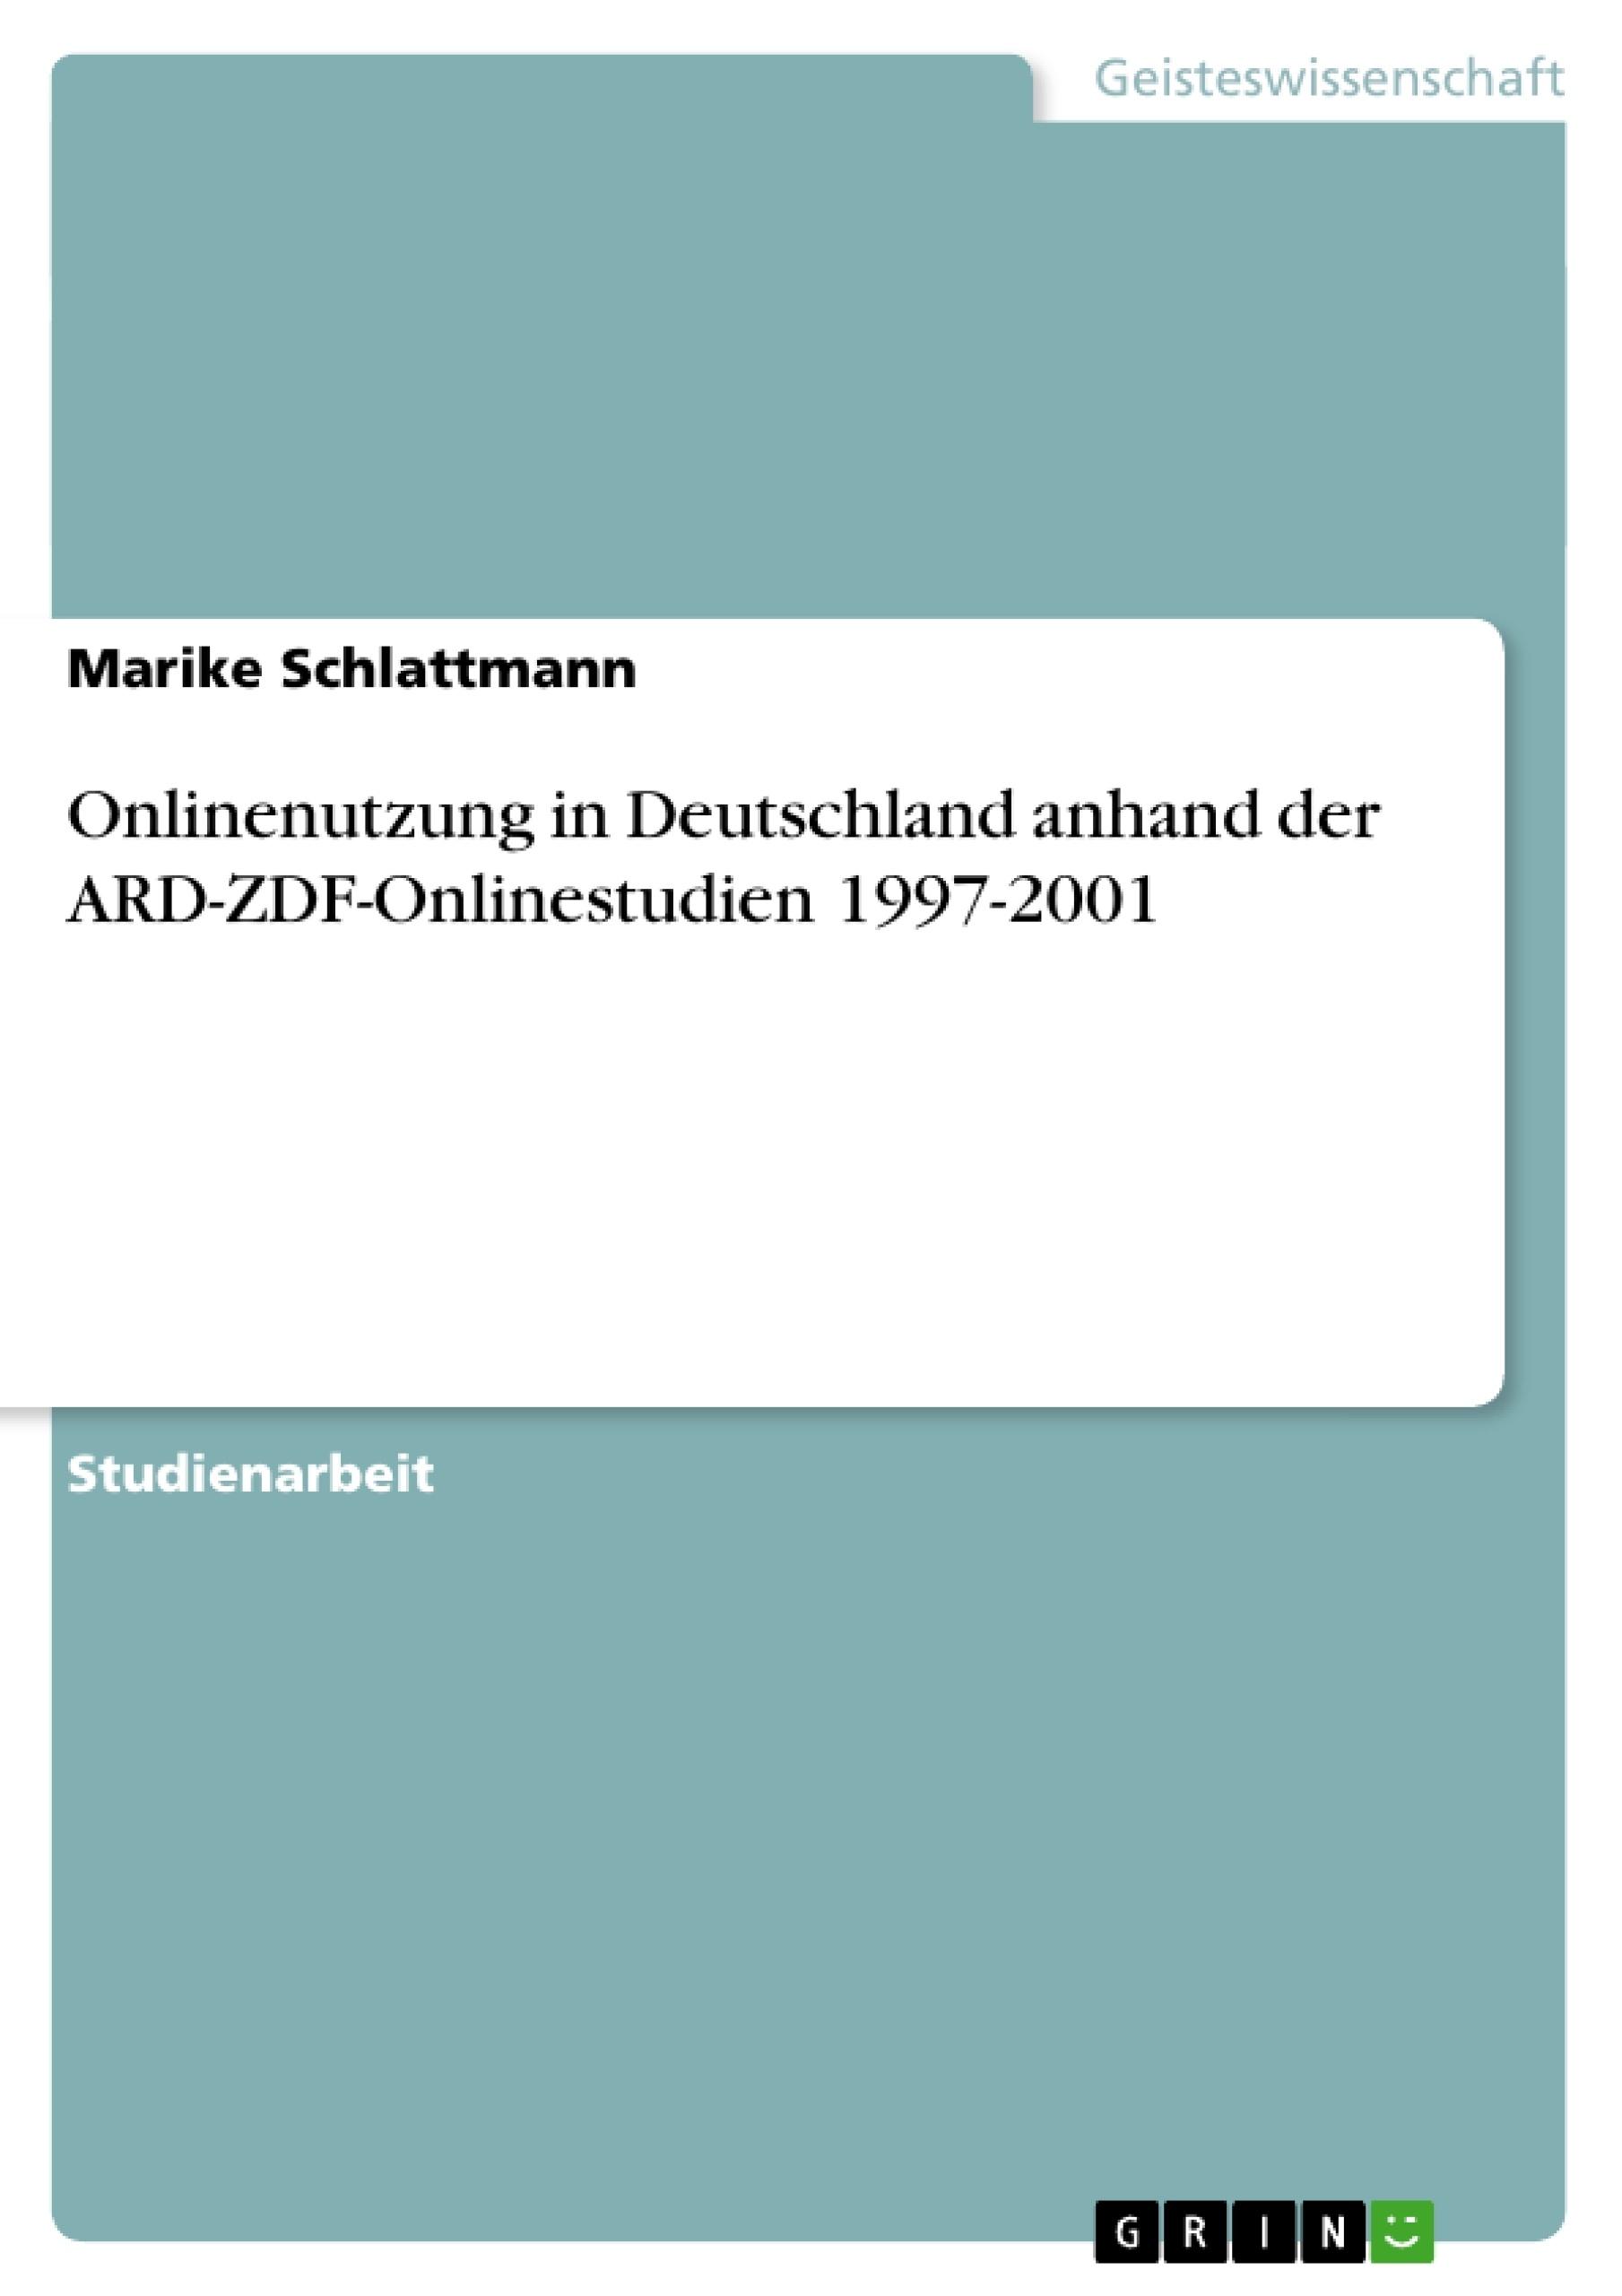 Titel: Onlinenutzung in Deutschland anhand der ARD-ZDF-Onlinestudien 1997-2001